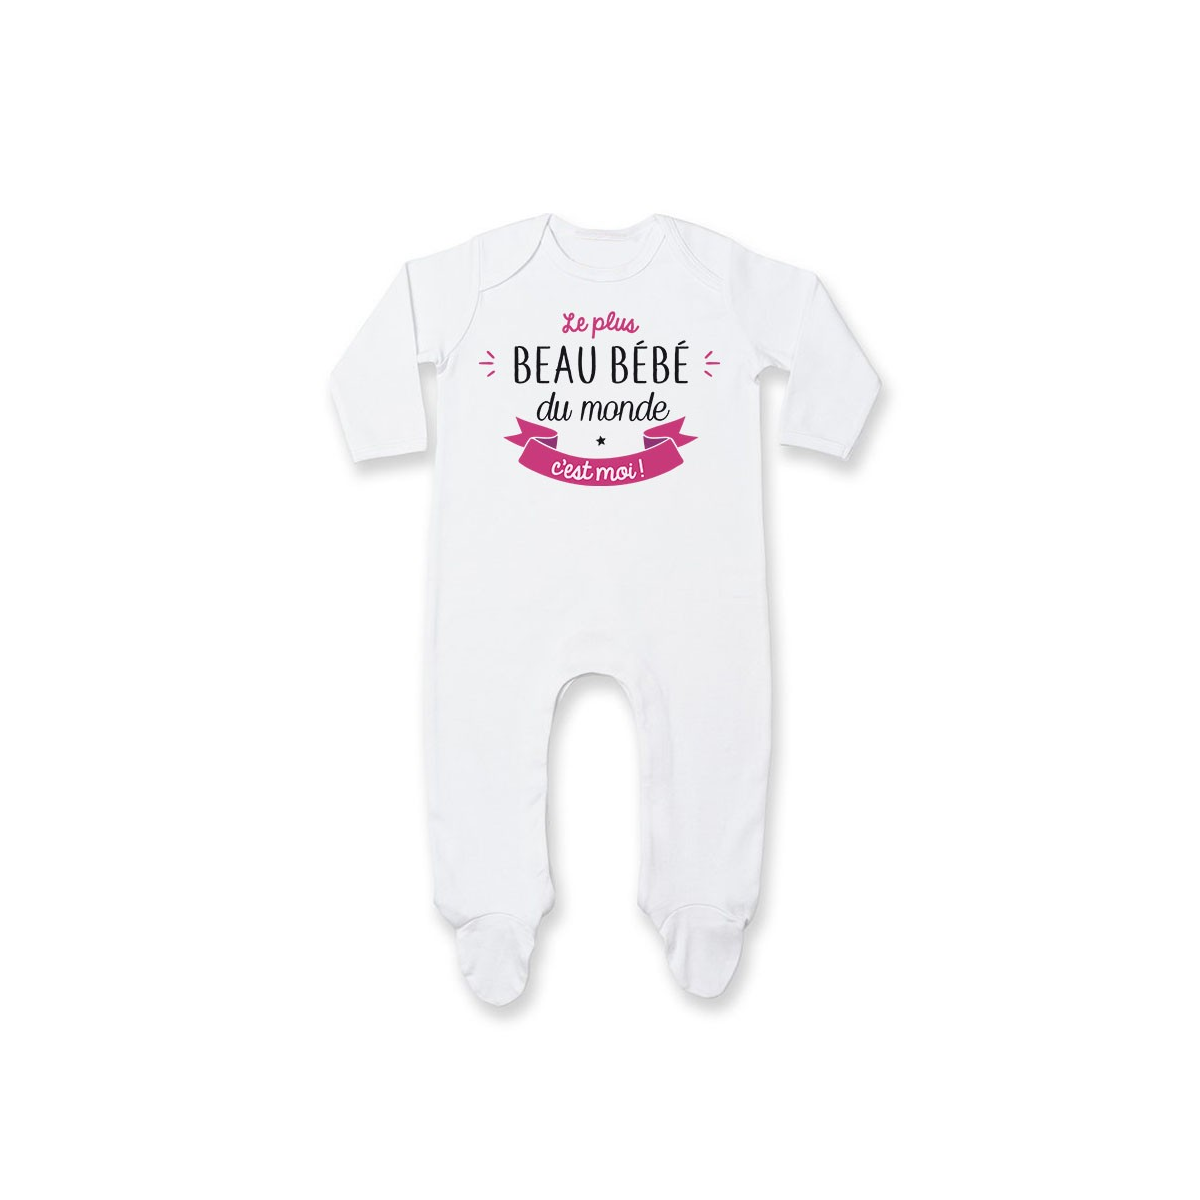 Pyjama bébé Le plus beau bébé du monde c'est moi ( version fille )